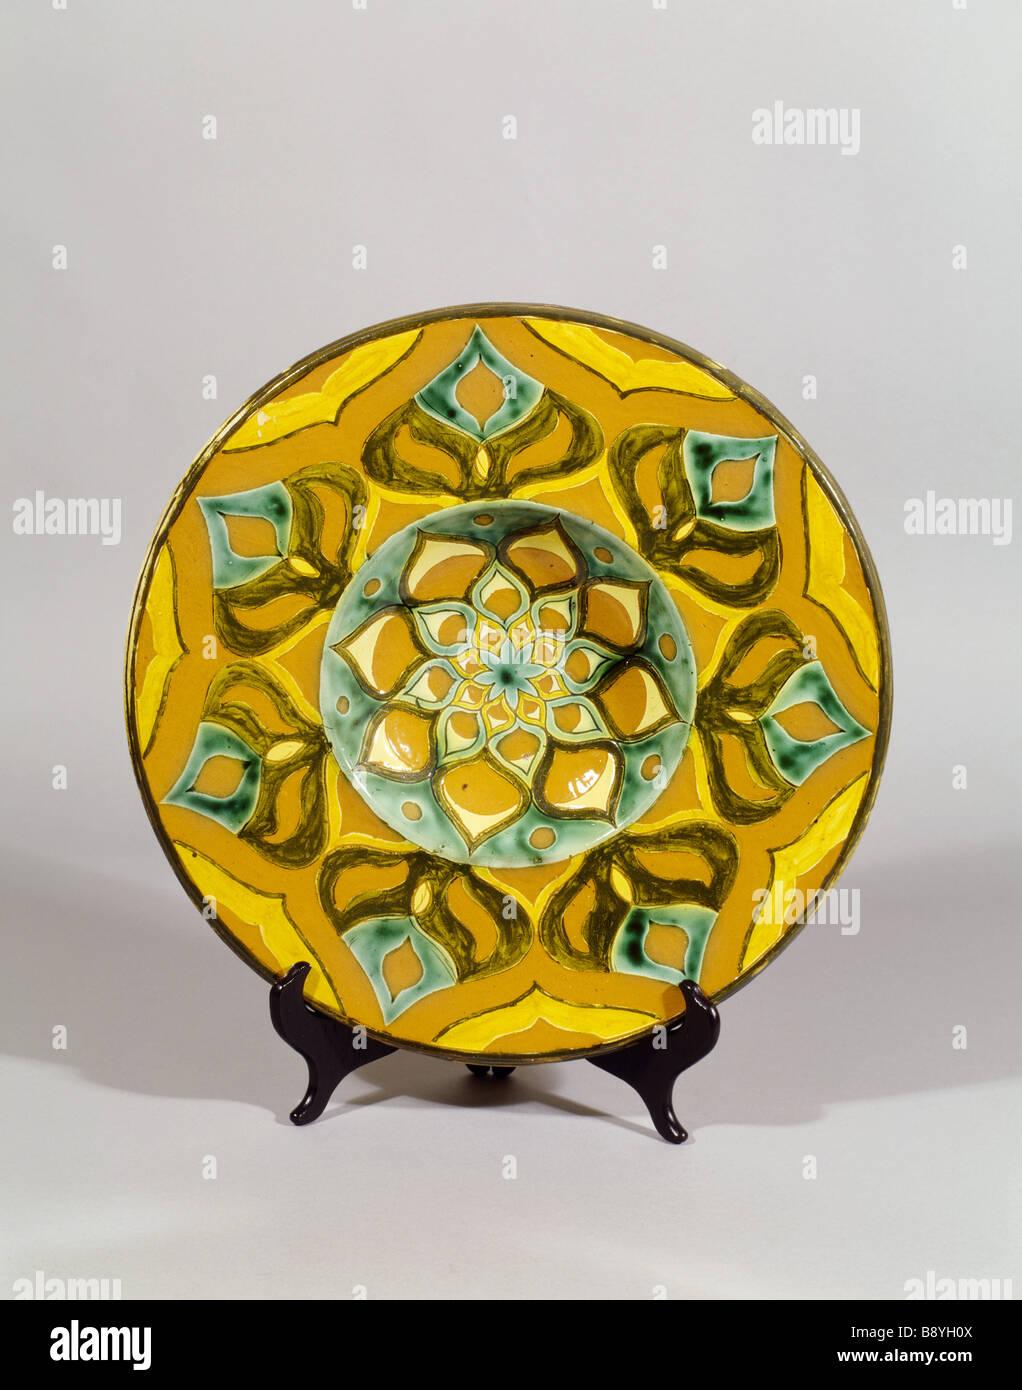 Della Robbia Ladegerät Morgen Gegen Im Zimmer Standen Ein Stück Keramik Mit  Stilisierten Blumen Muster In Gelb Grün Und Braun